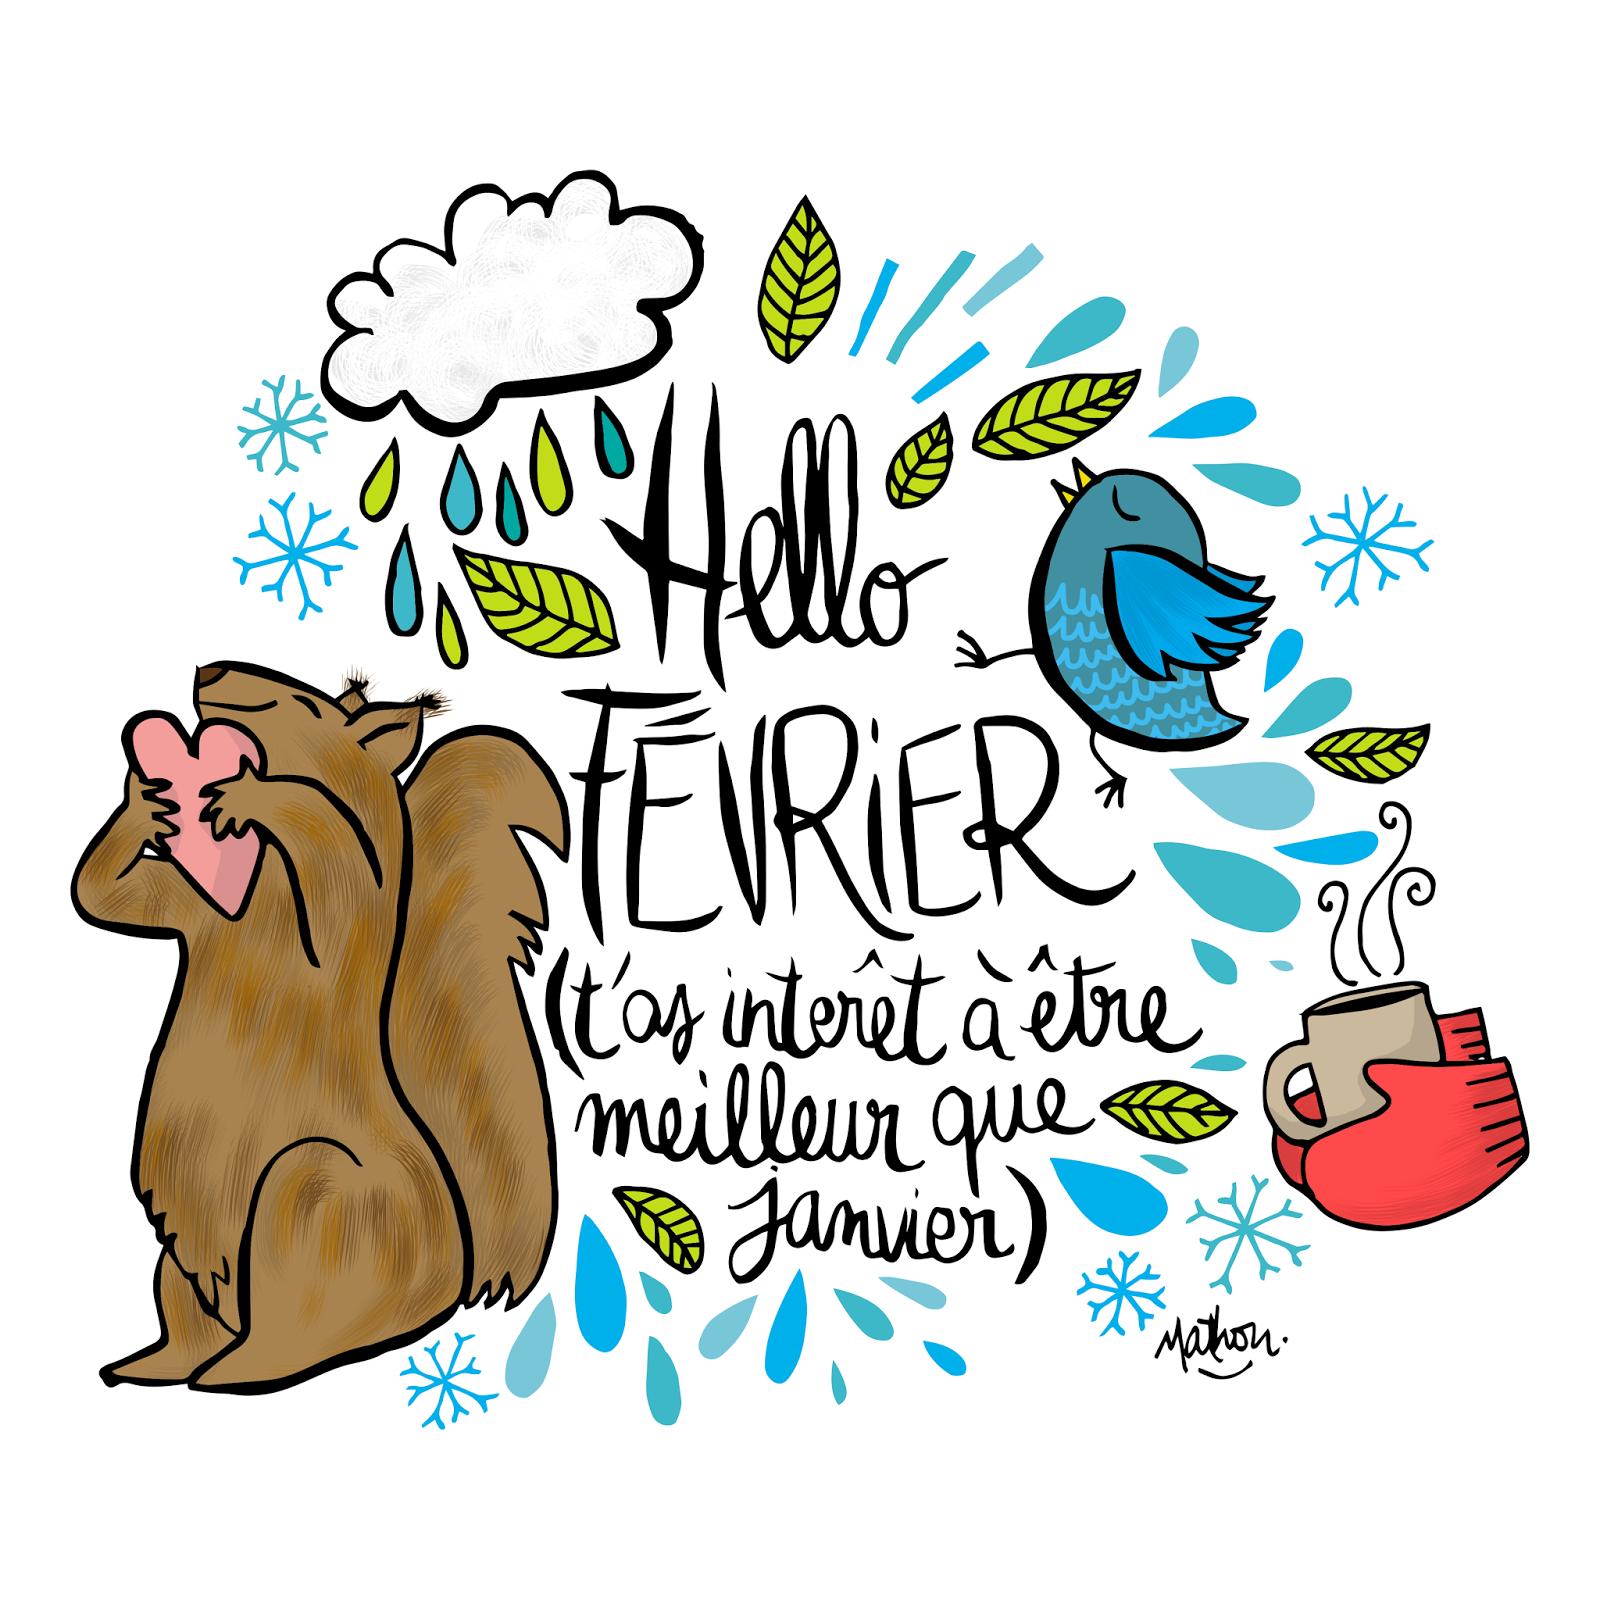 MOIS DE FEVRIER 2018 - Page 2 Hello-fevrier